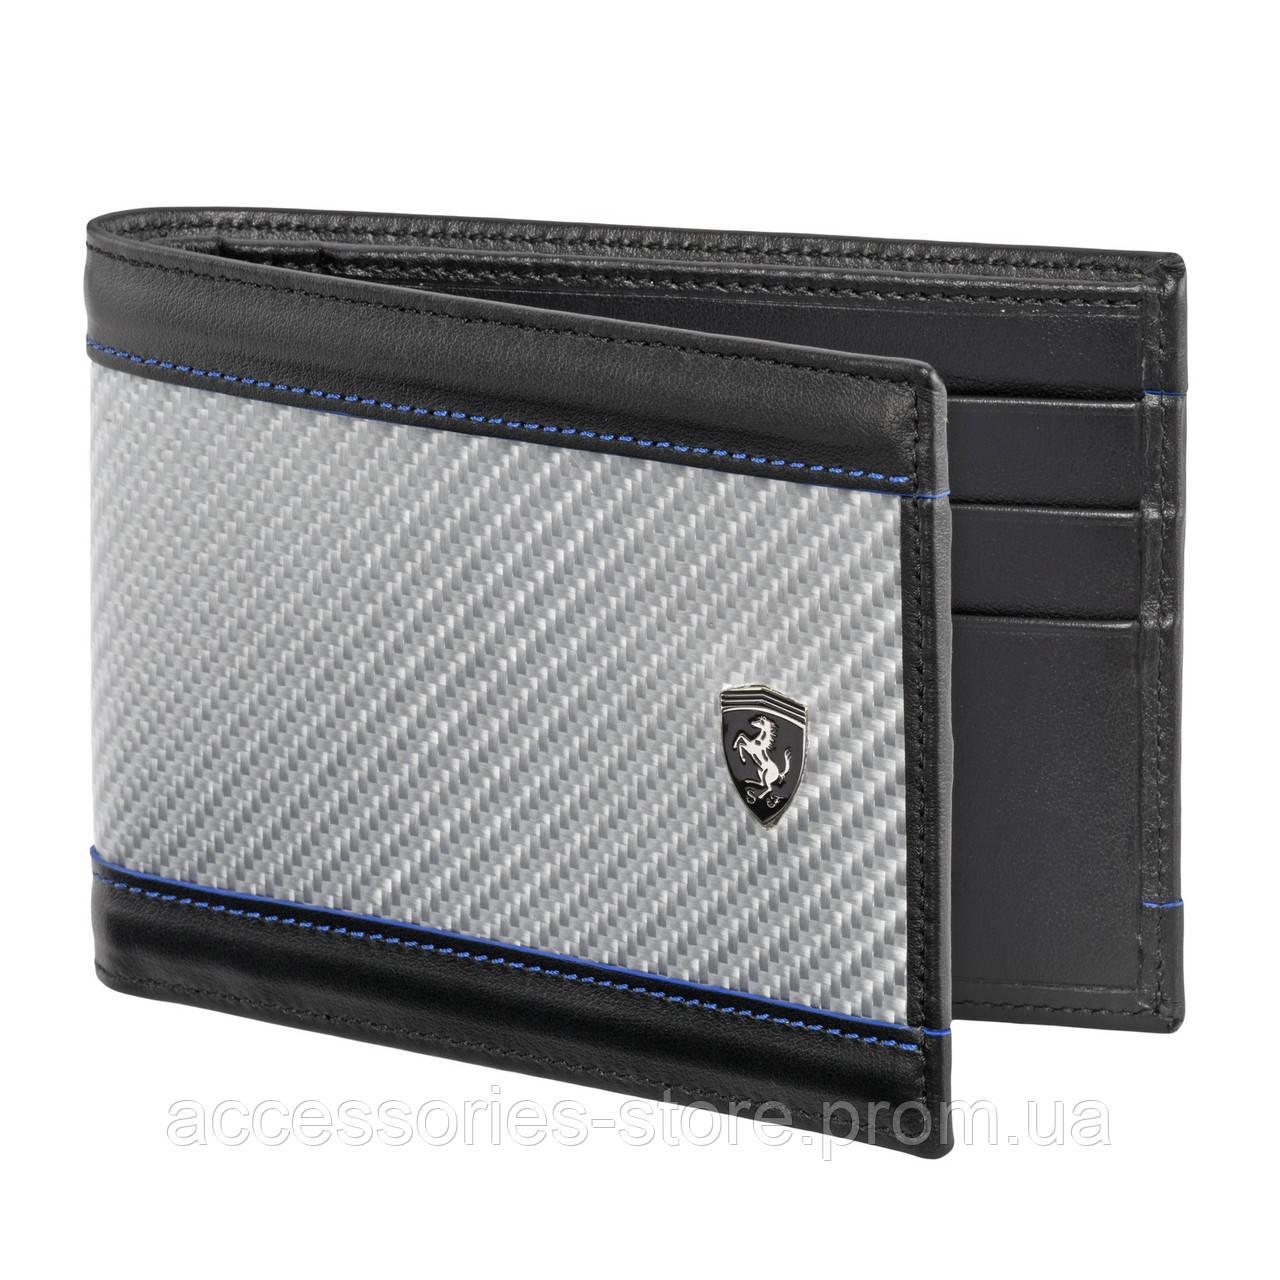 Горизонтальный бумажник Ferrari с деталями из стекловолокна, Horizontal glass fibre wallet, black/silver